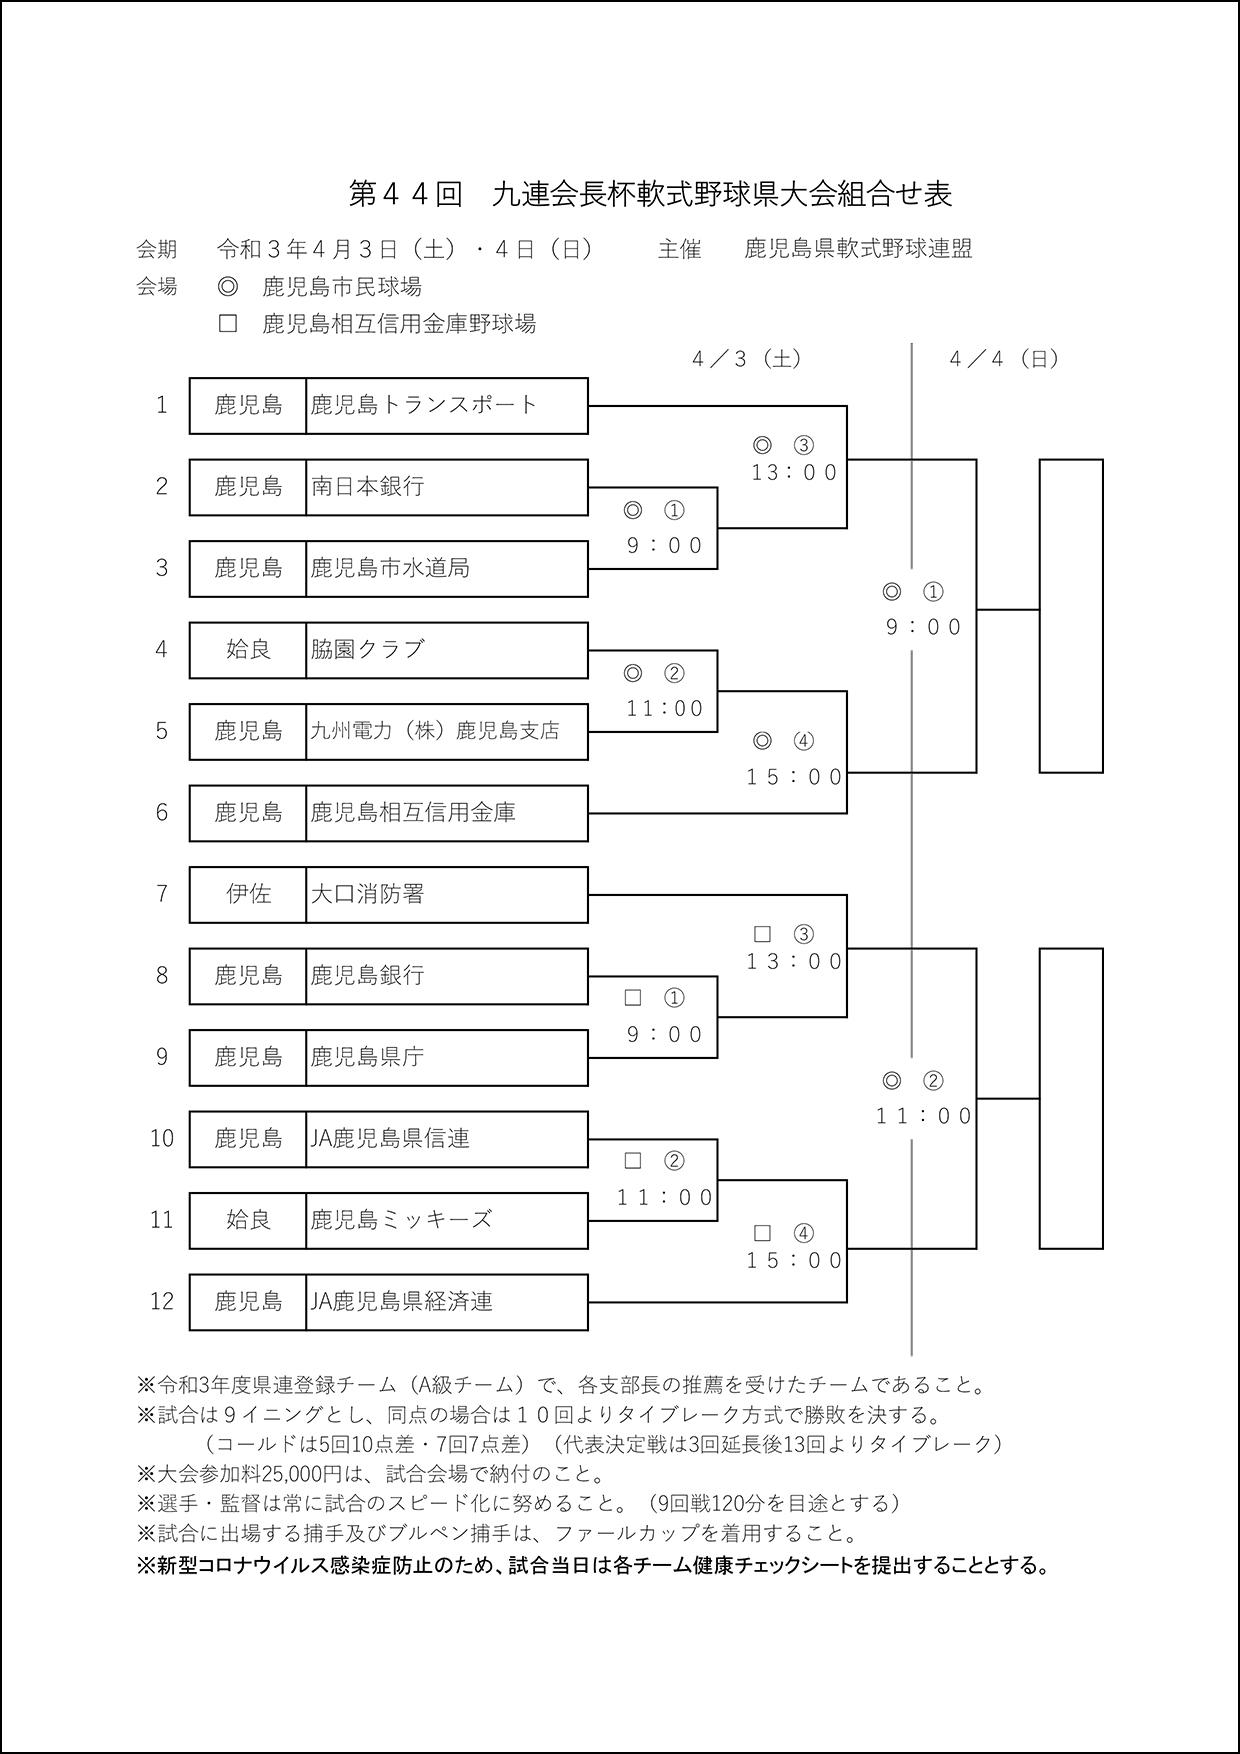 【組合せ】第44回九連会長杯軟式野球県大会